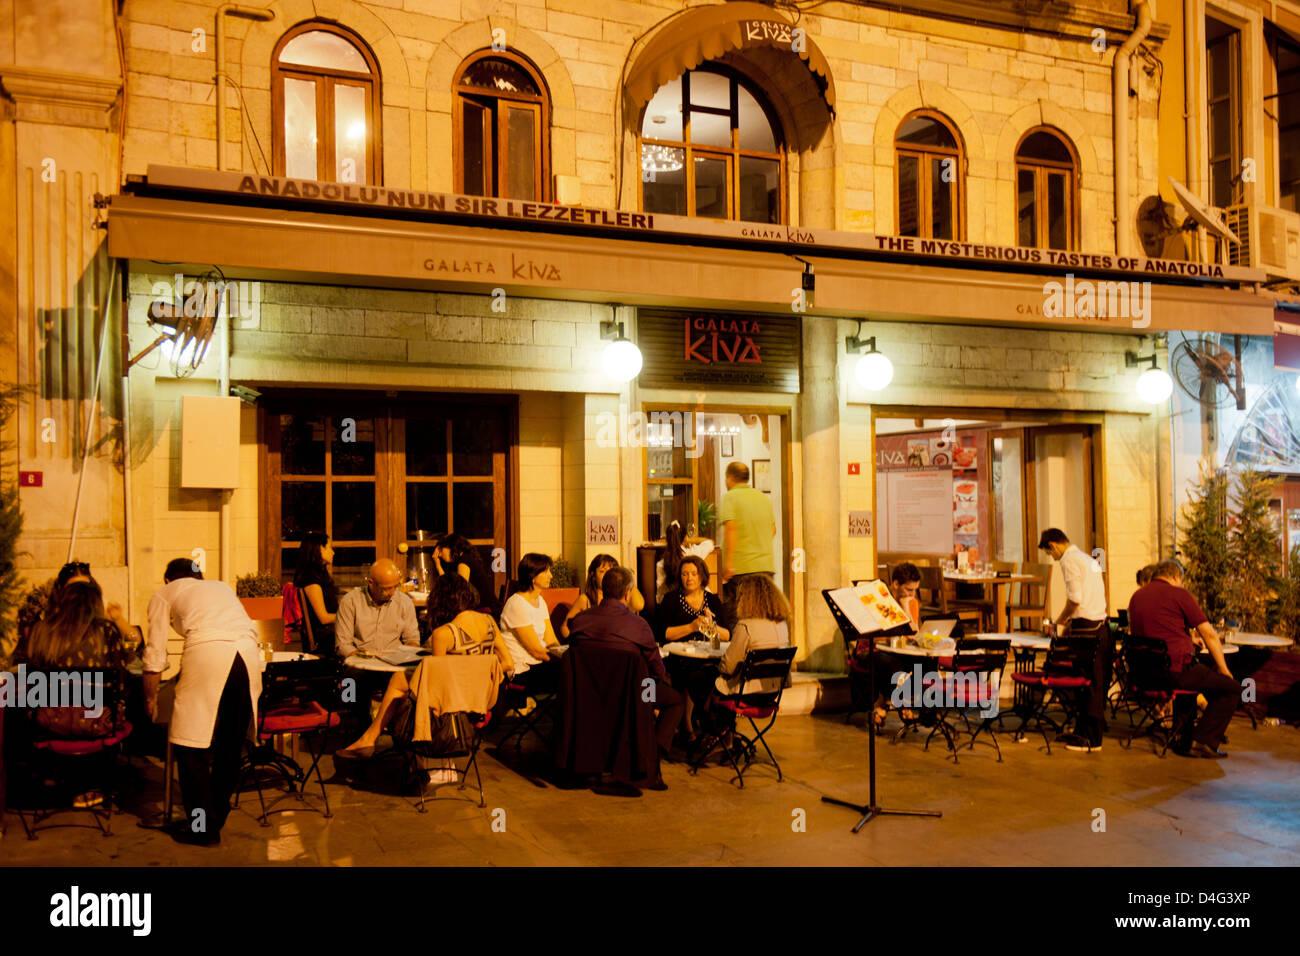 Turkish Restaurant Stockfotos & Turkish Restaurant Bilder - Alamy